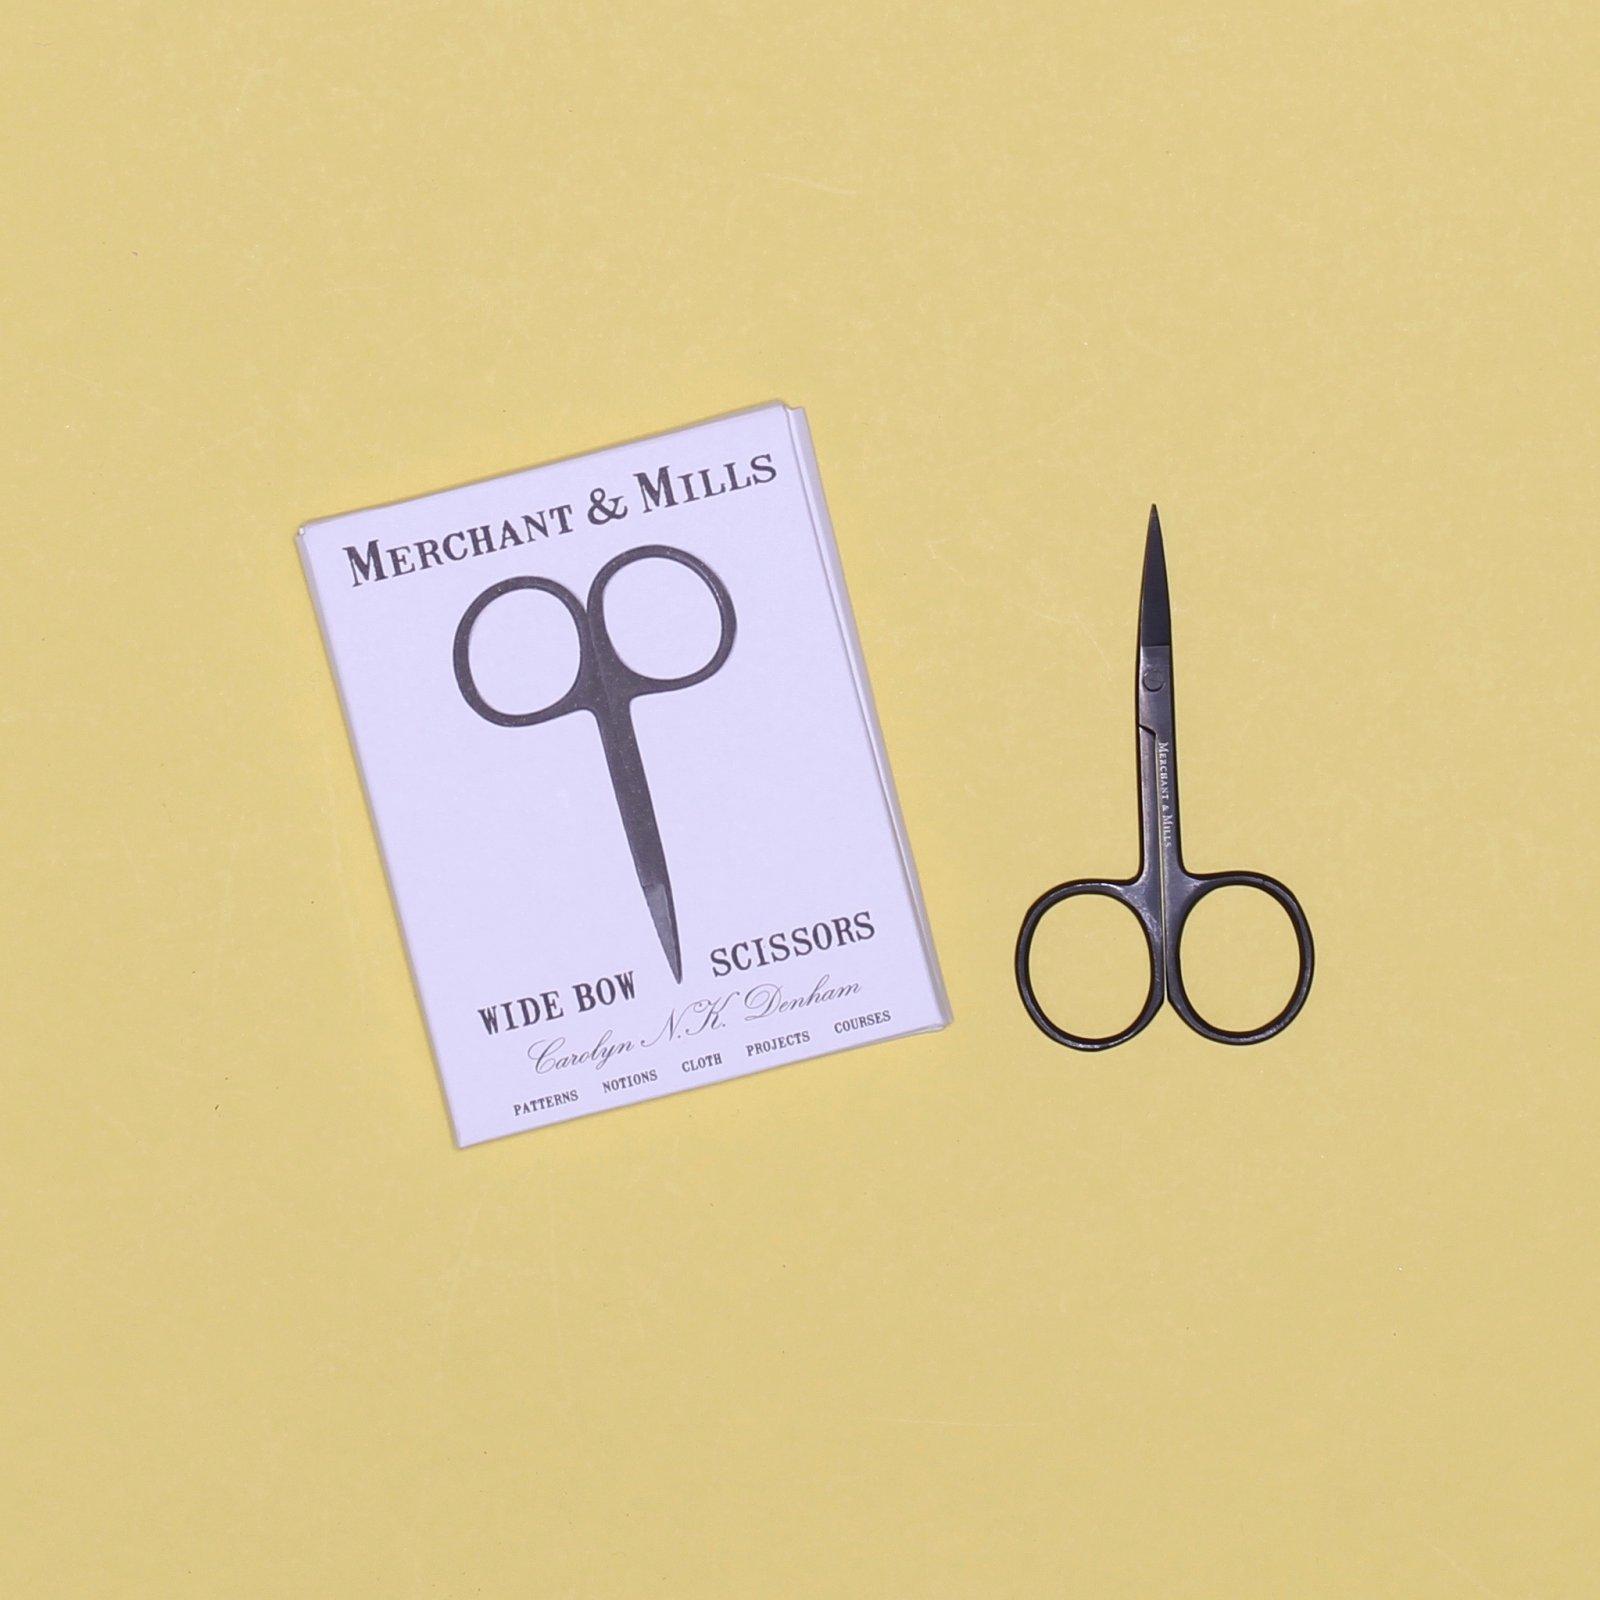 Merchant Mills Wide Bow Scissors